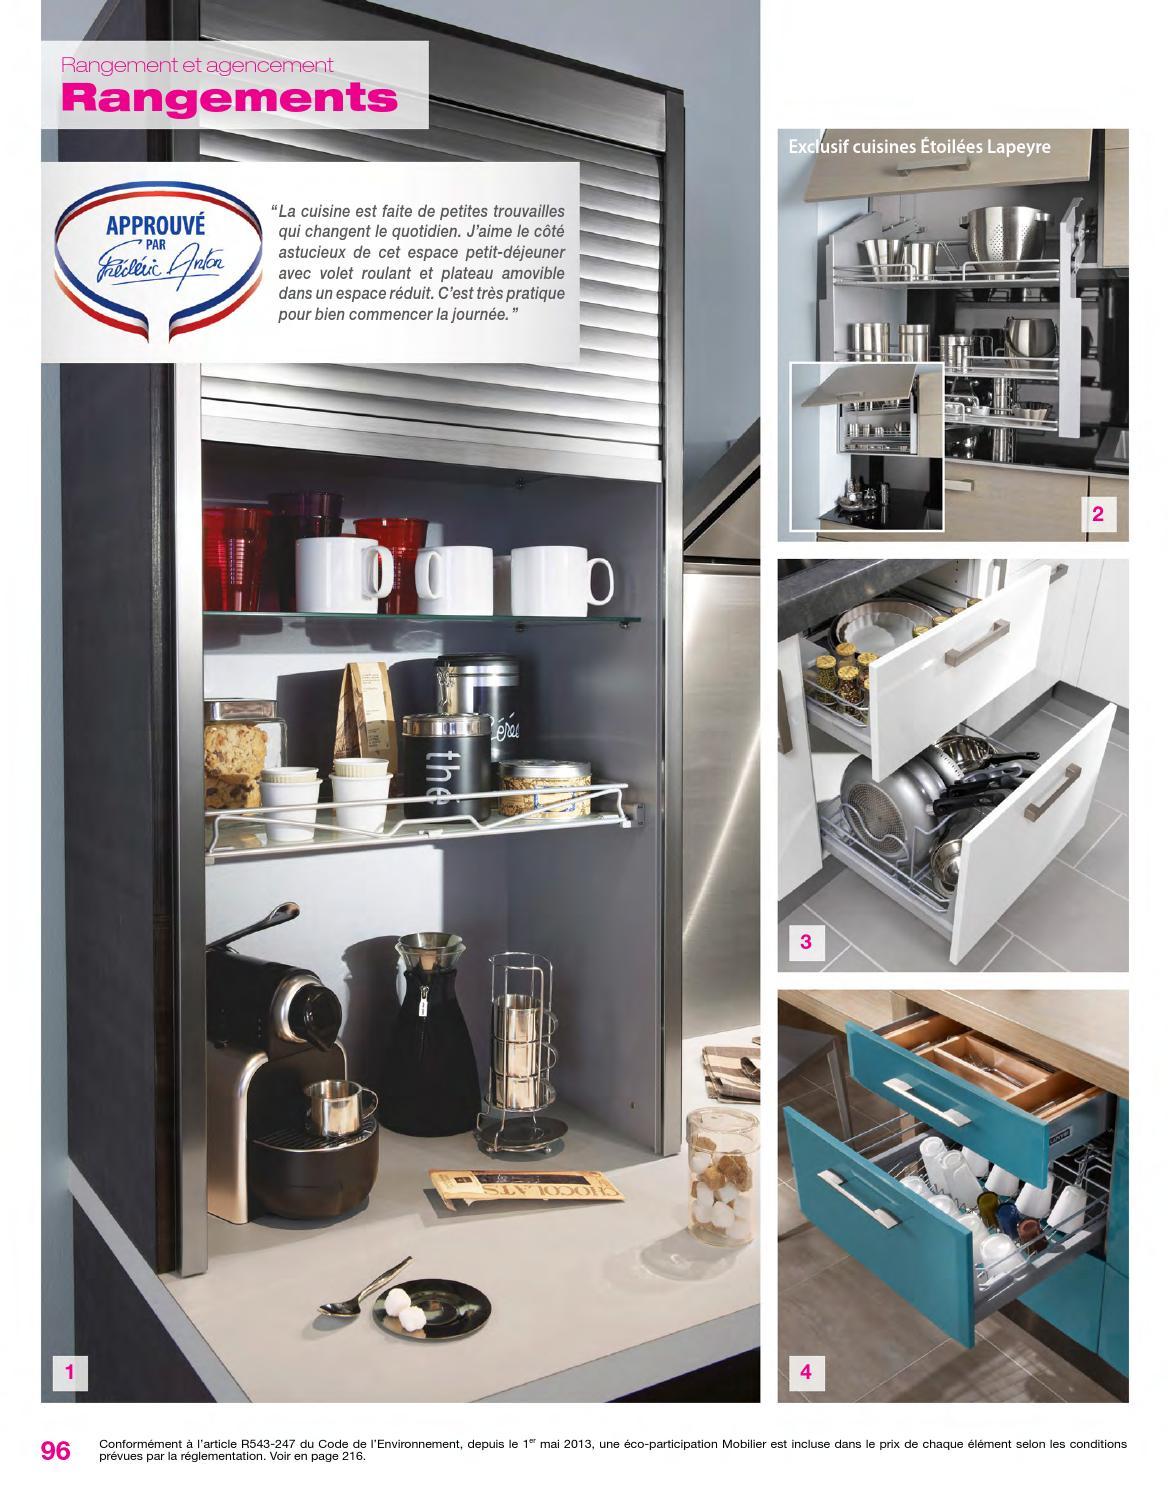 Rangement Petit Dejeuner Cuisine catalogue lapeyre - cuisines & électroménager 2014joe